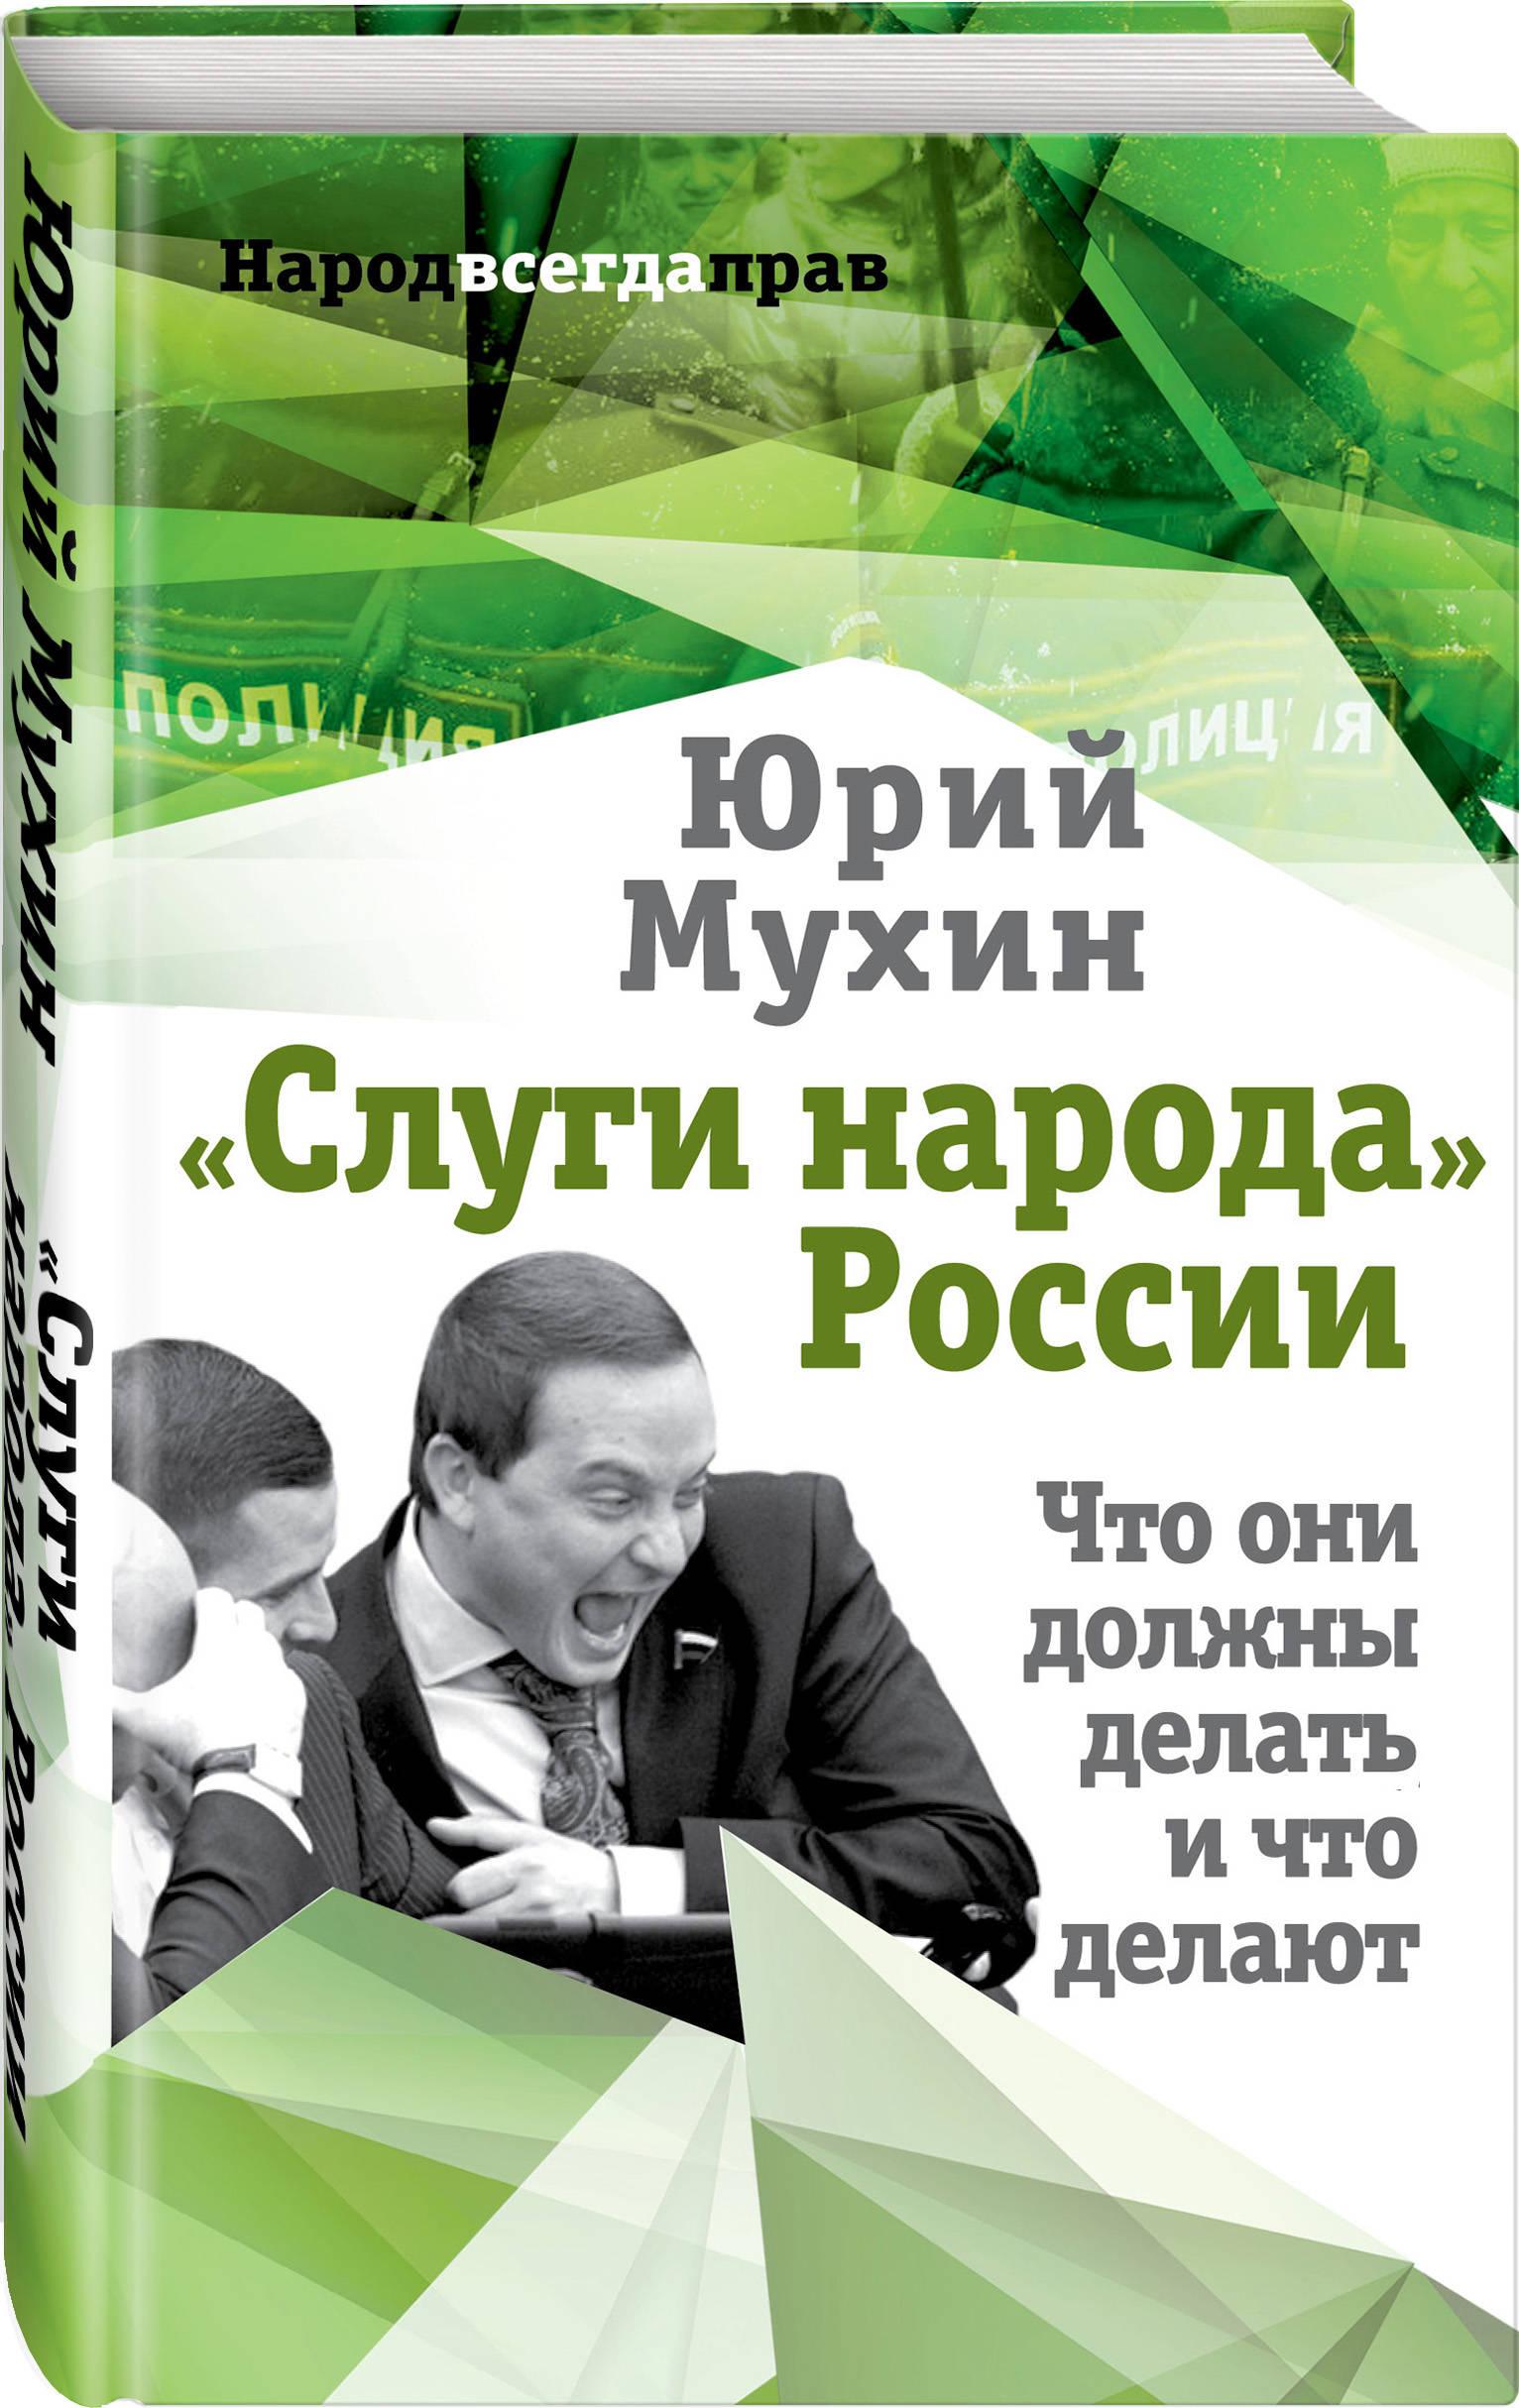 Юрий Мухин «Слуги народа» России. Что они должны делать, и что делают